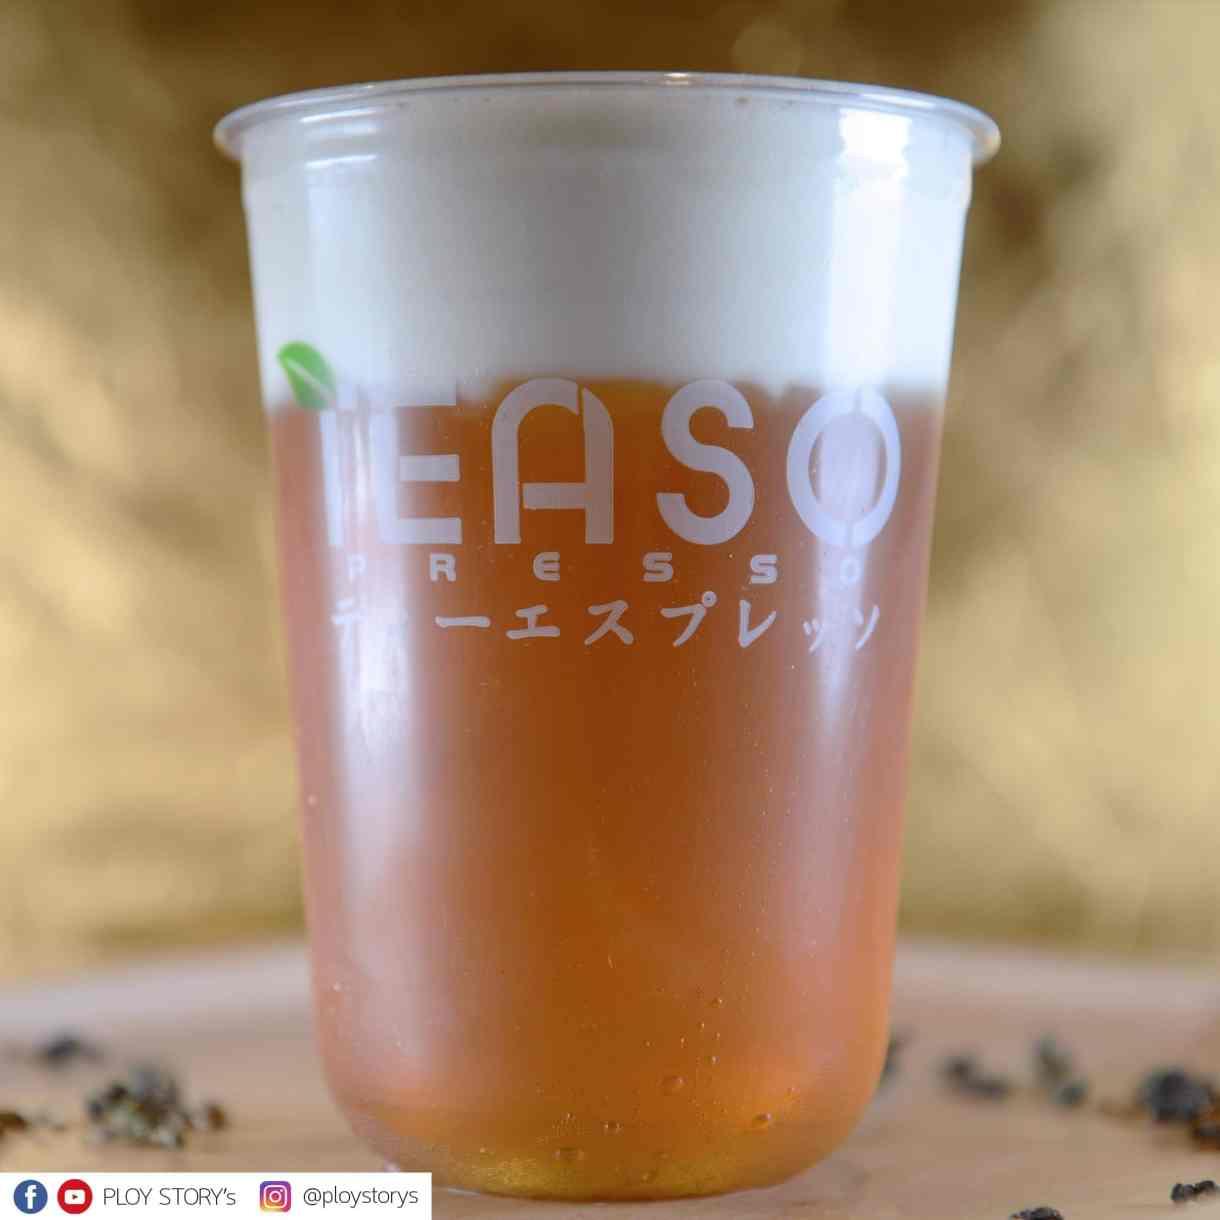 - 16 - รีวิวร้านชา TEASO สวรรค์ของคนรักชา ต้นตำรับจากฮ่องกง คนลดน้ำหนักกินได้แบบไม่รู้สึกผิด